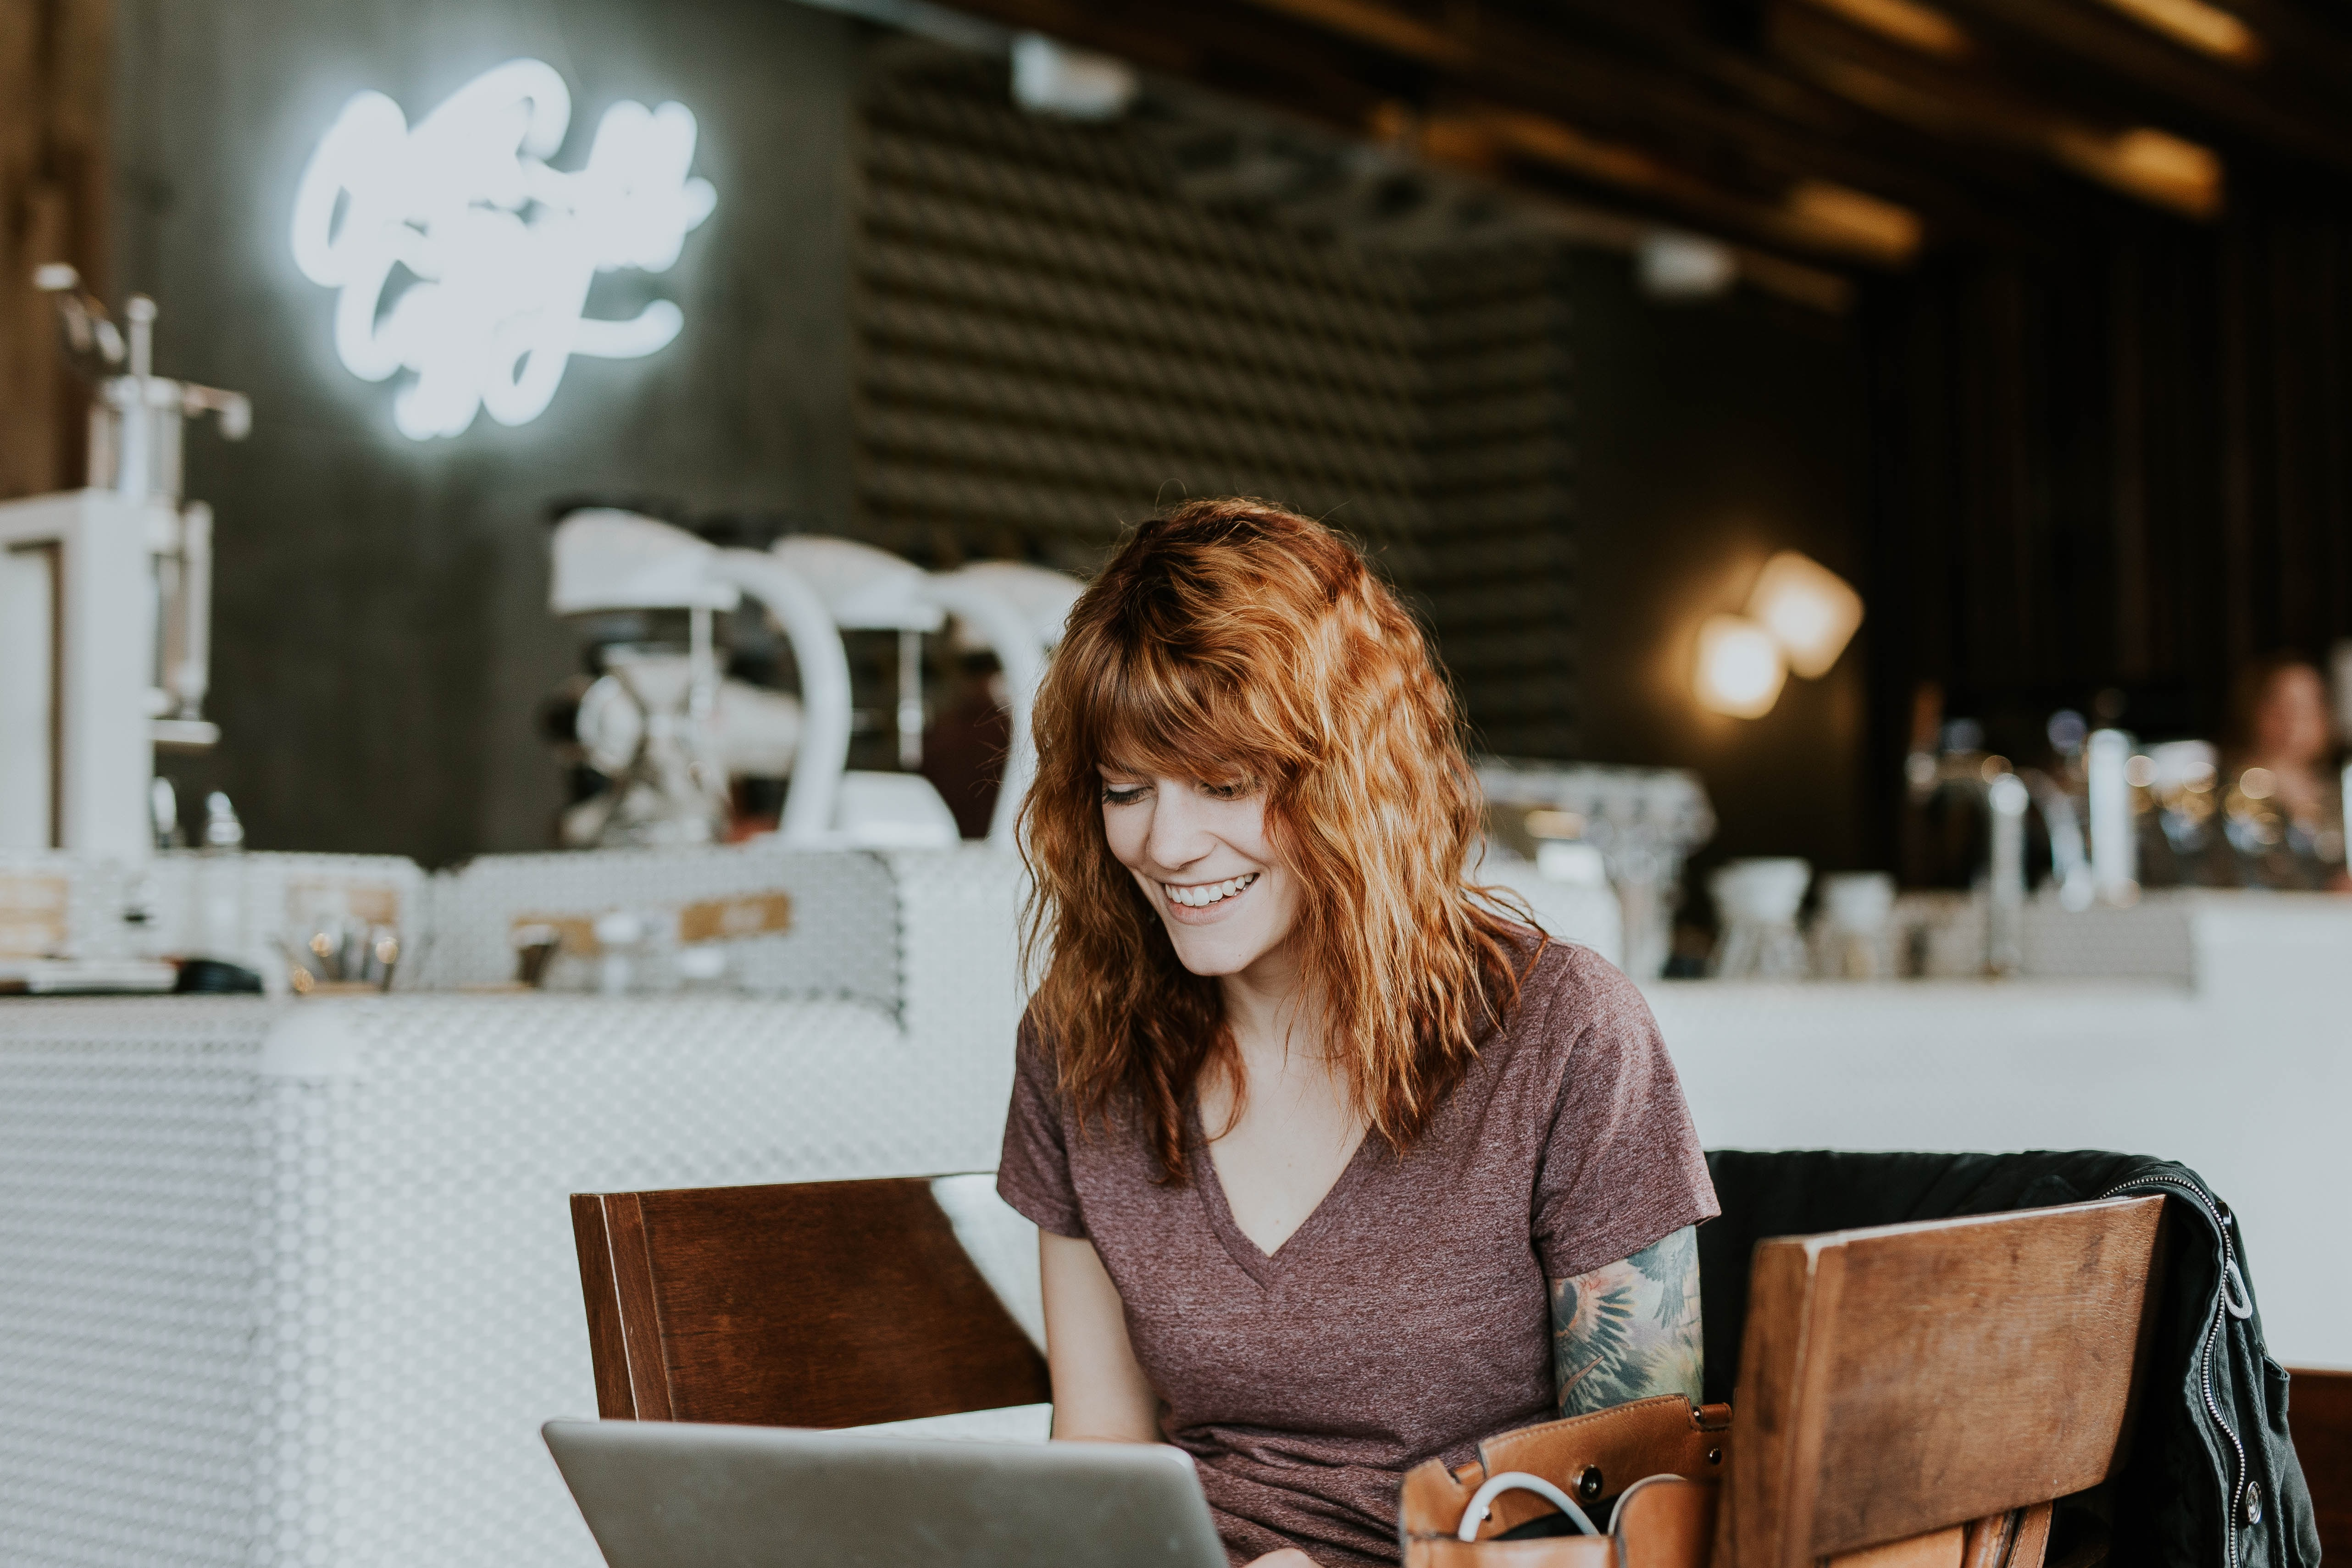 Mulher sentada e sorrindo olhando para o notebook